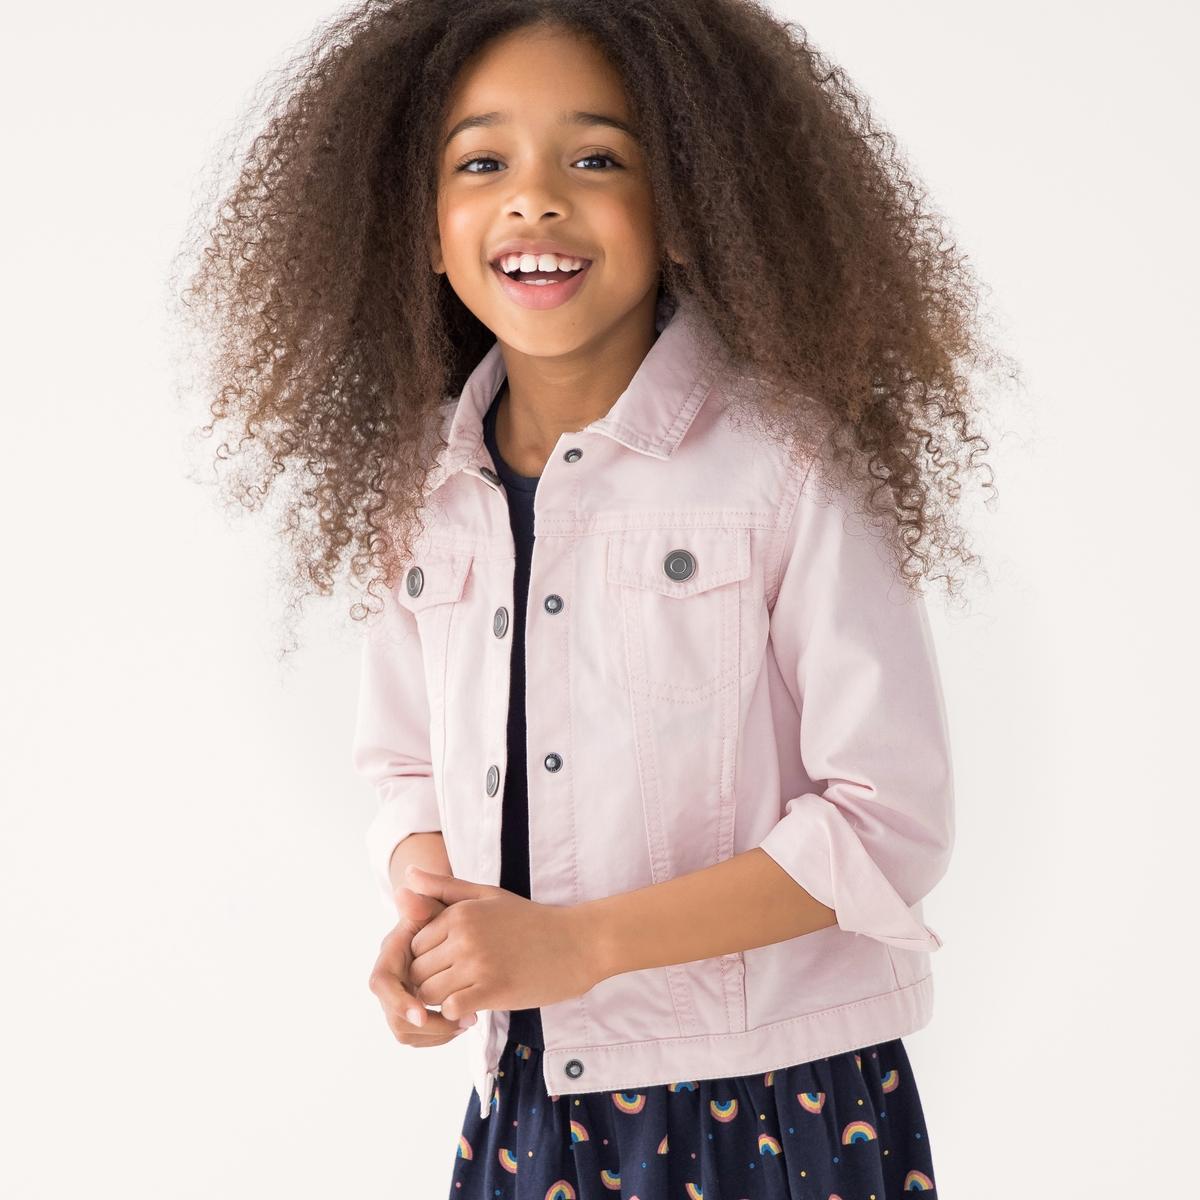 Жакет LaRedoute Короткий с застежкой на пуговицы 3-12 лет 6 лет - 114 см розовый